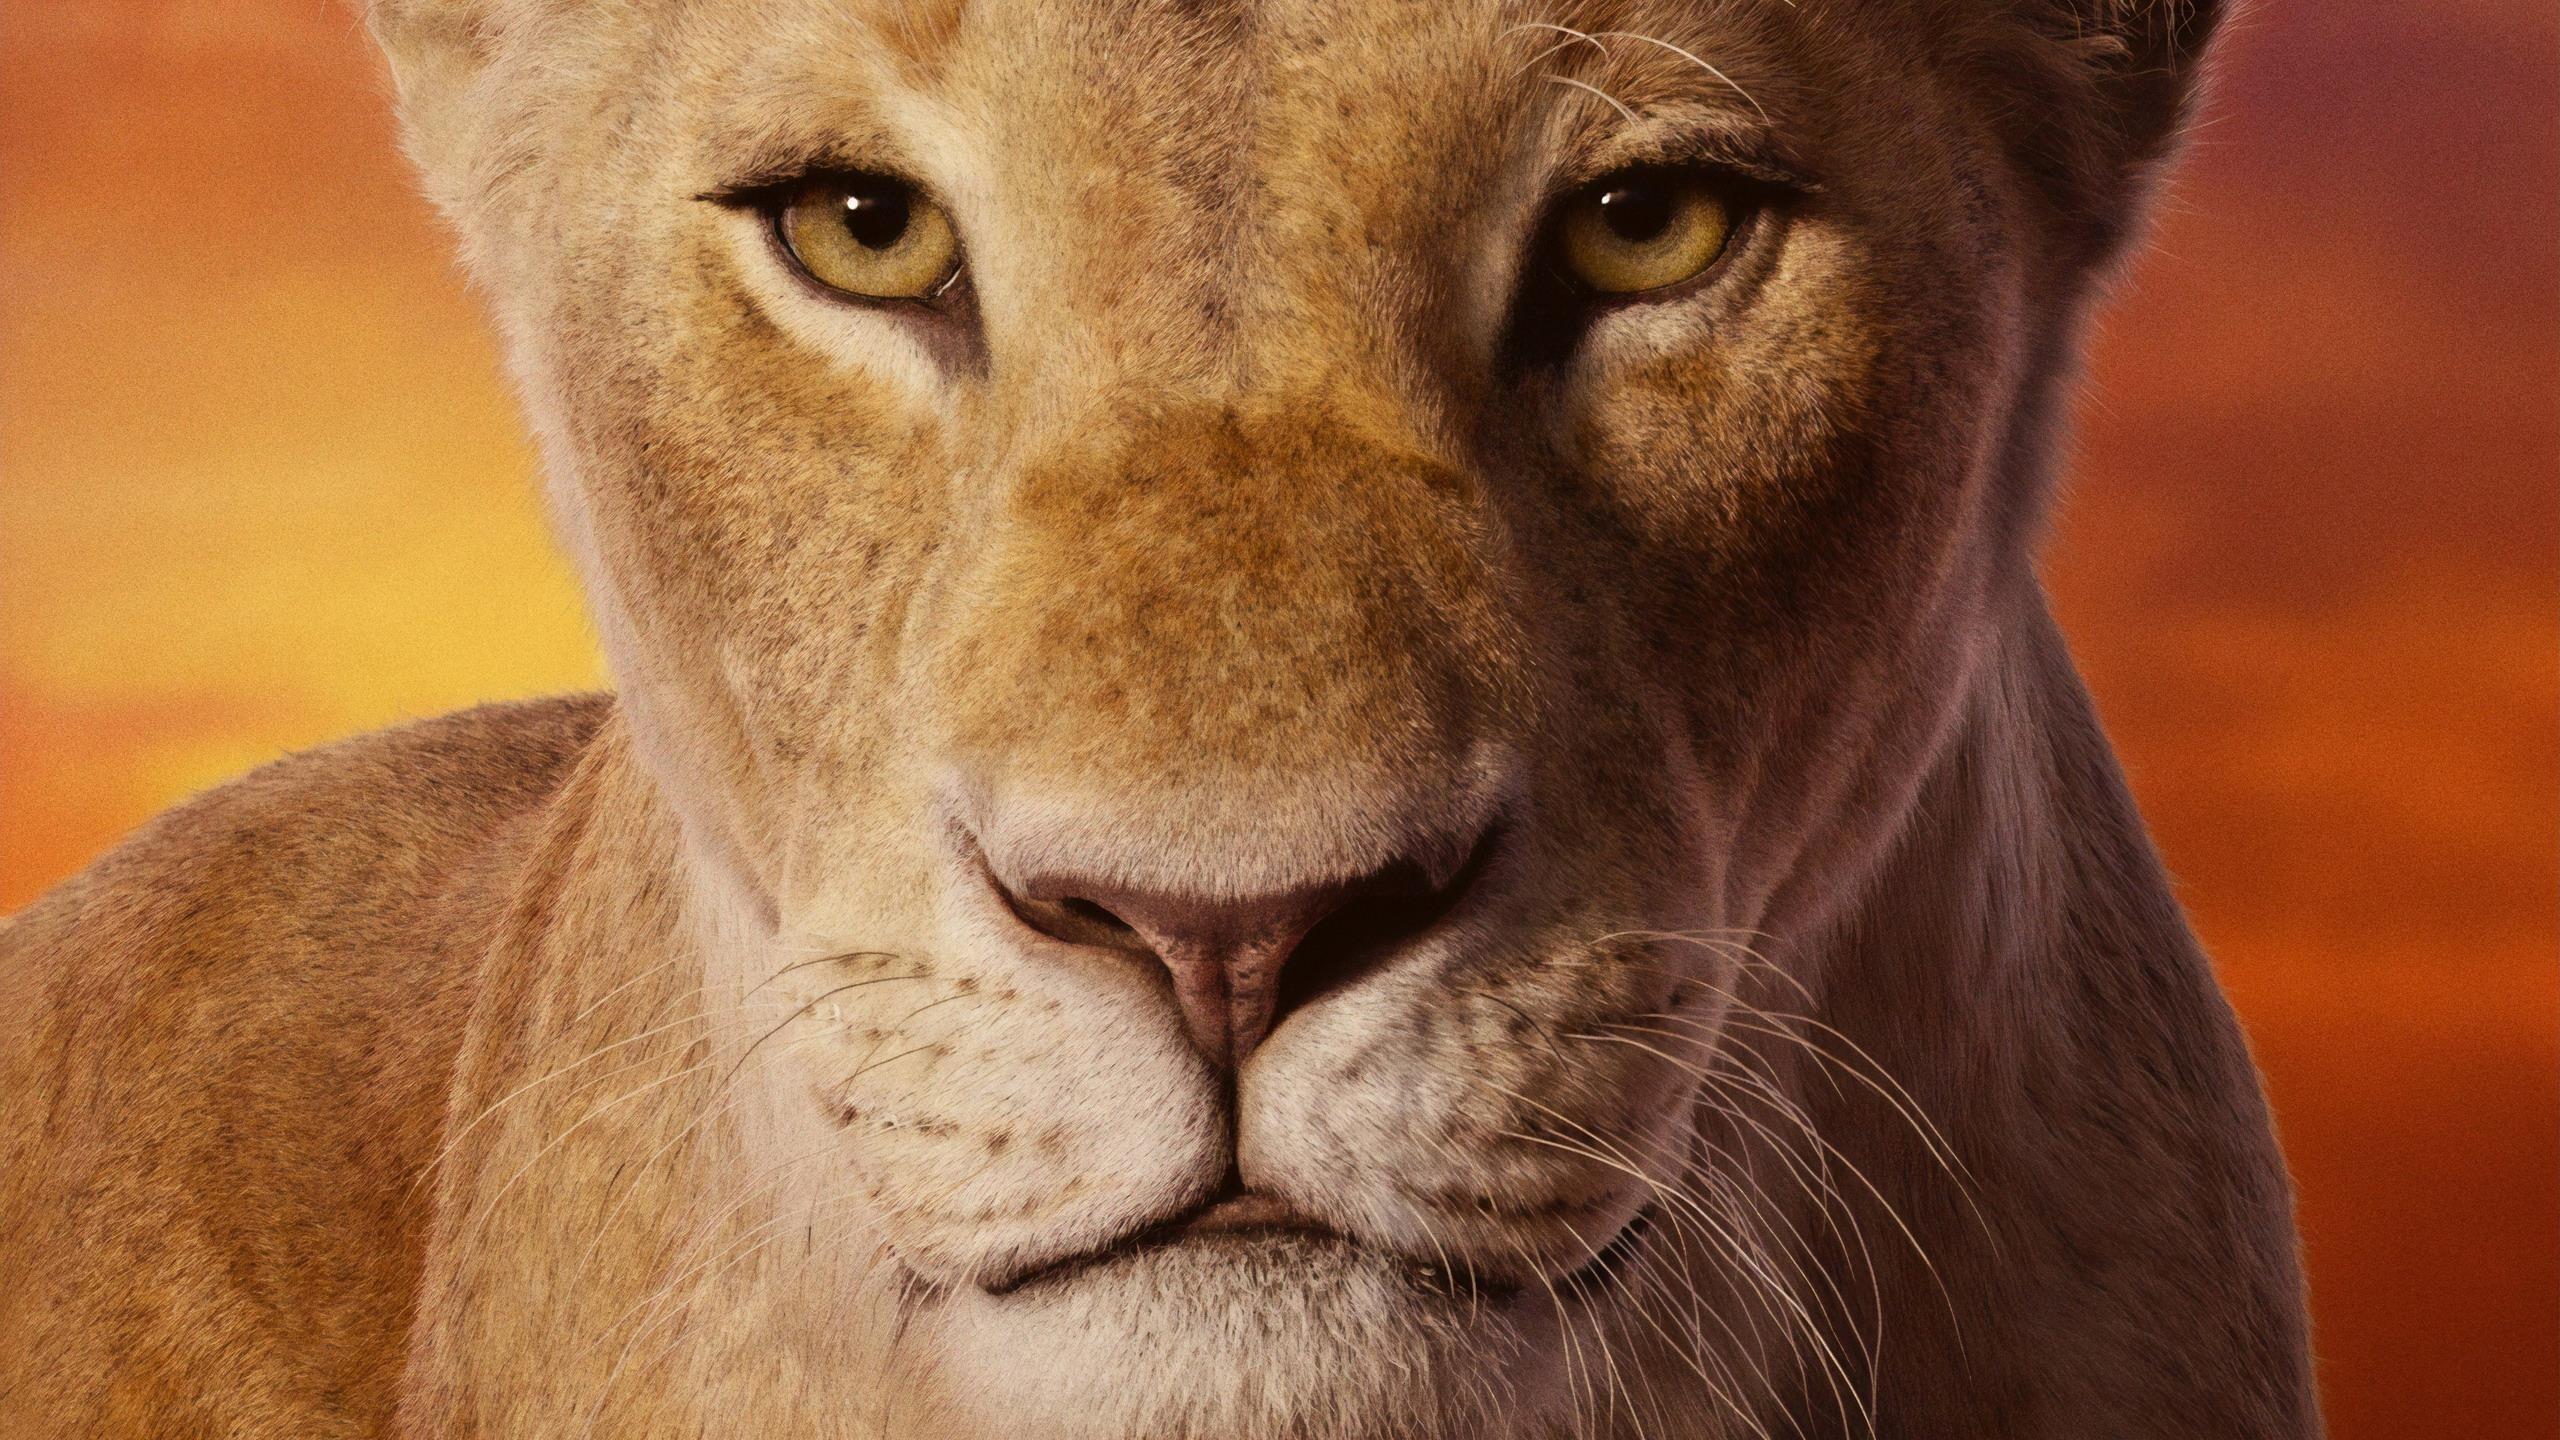 Симба с карими глазами Король Лев обои скачать